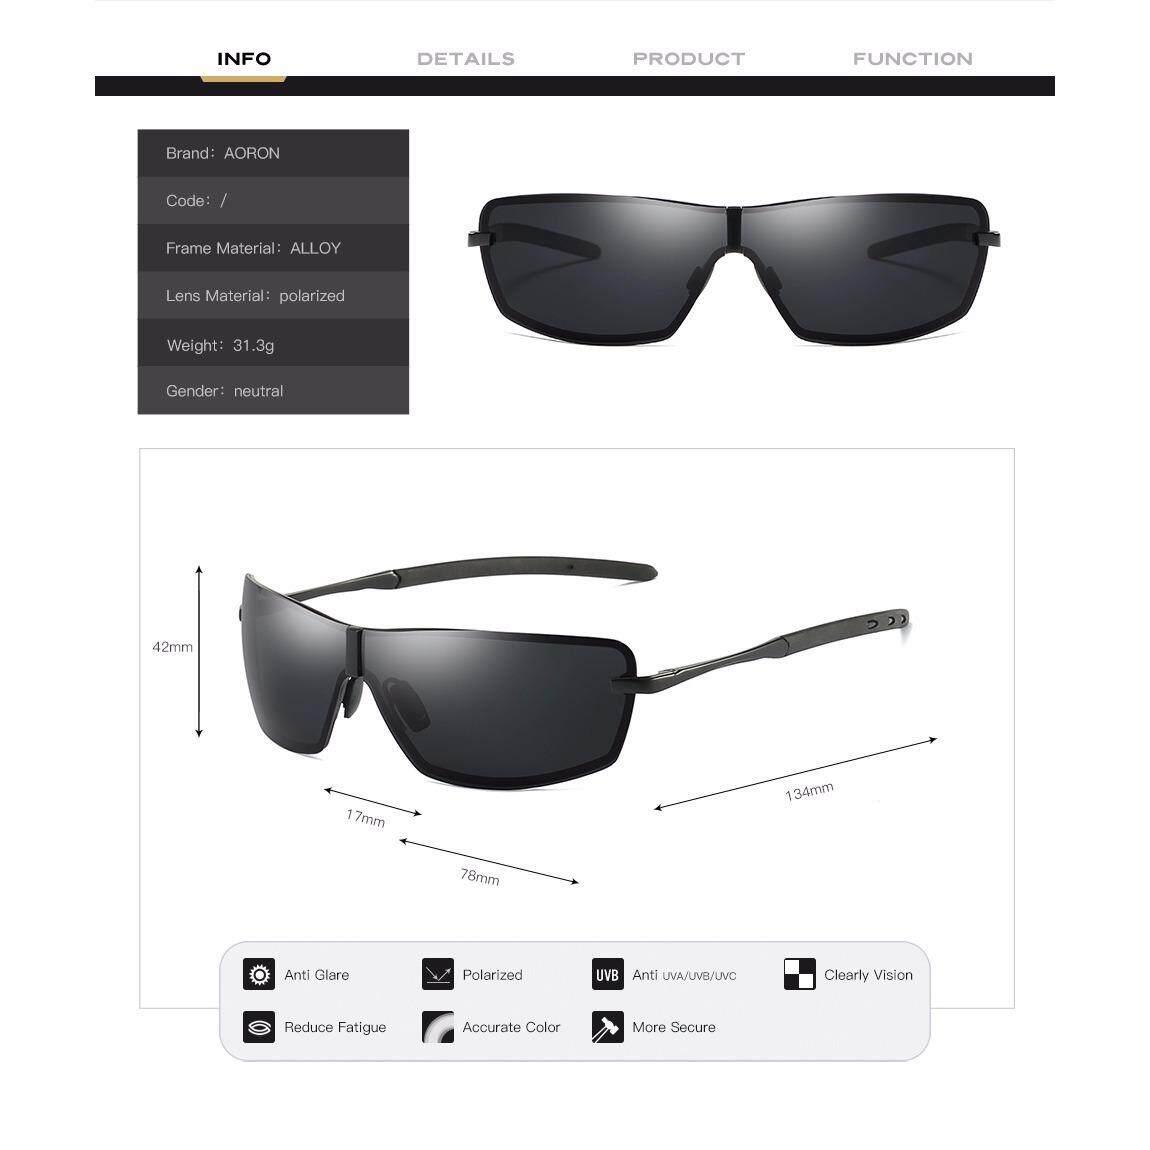 ... 2018 Baru Merek Desain Pria Retro Terpolarisasi Kacamata Penerbangan Cermin UV400 Perlindungan Matahari Gelas dengan Kotak ...